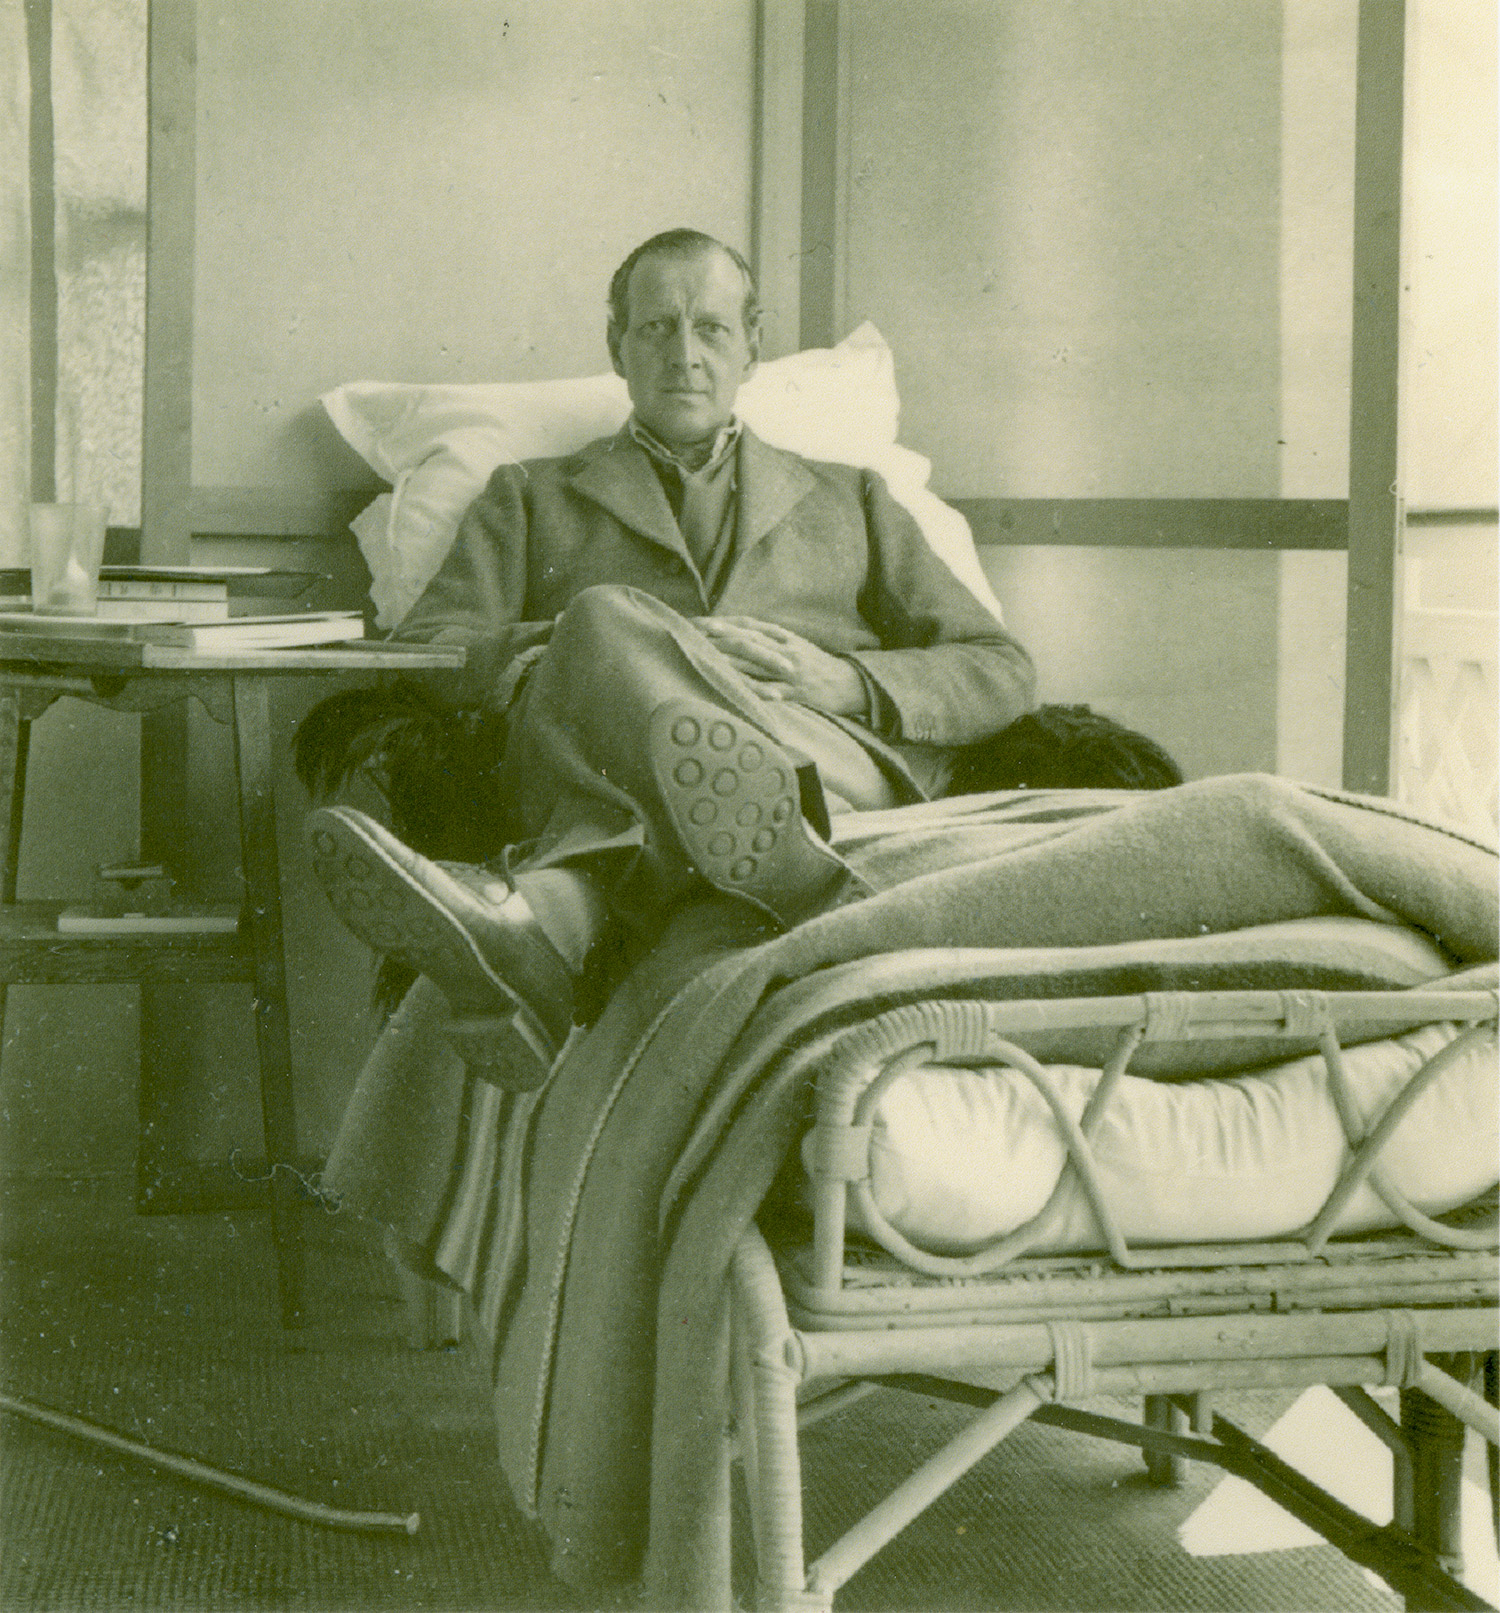 De faible santé dès sa naissance, le grand-duc Dimitri a fait du sport durant toute sa vie, mais, comme de nombreux hommes de la famille Romanov, il fumait beaucoup. \ Sur la photo : le grand-duc Dimitri dans un sanatorium en Suisse où il passera les dernières années de sa vie.